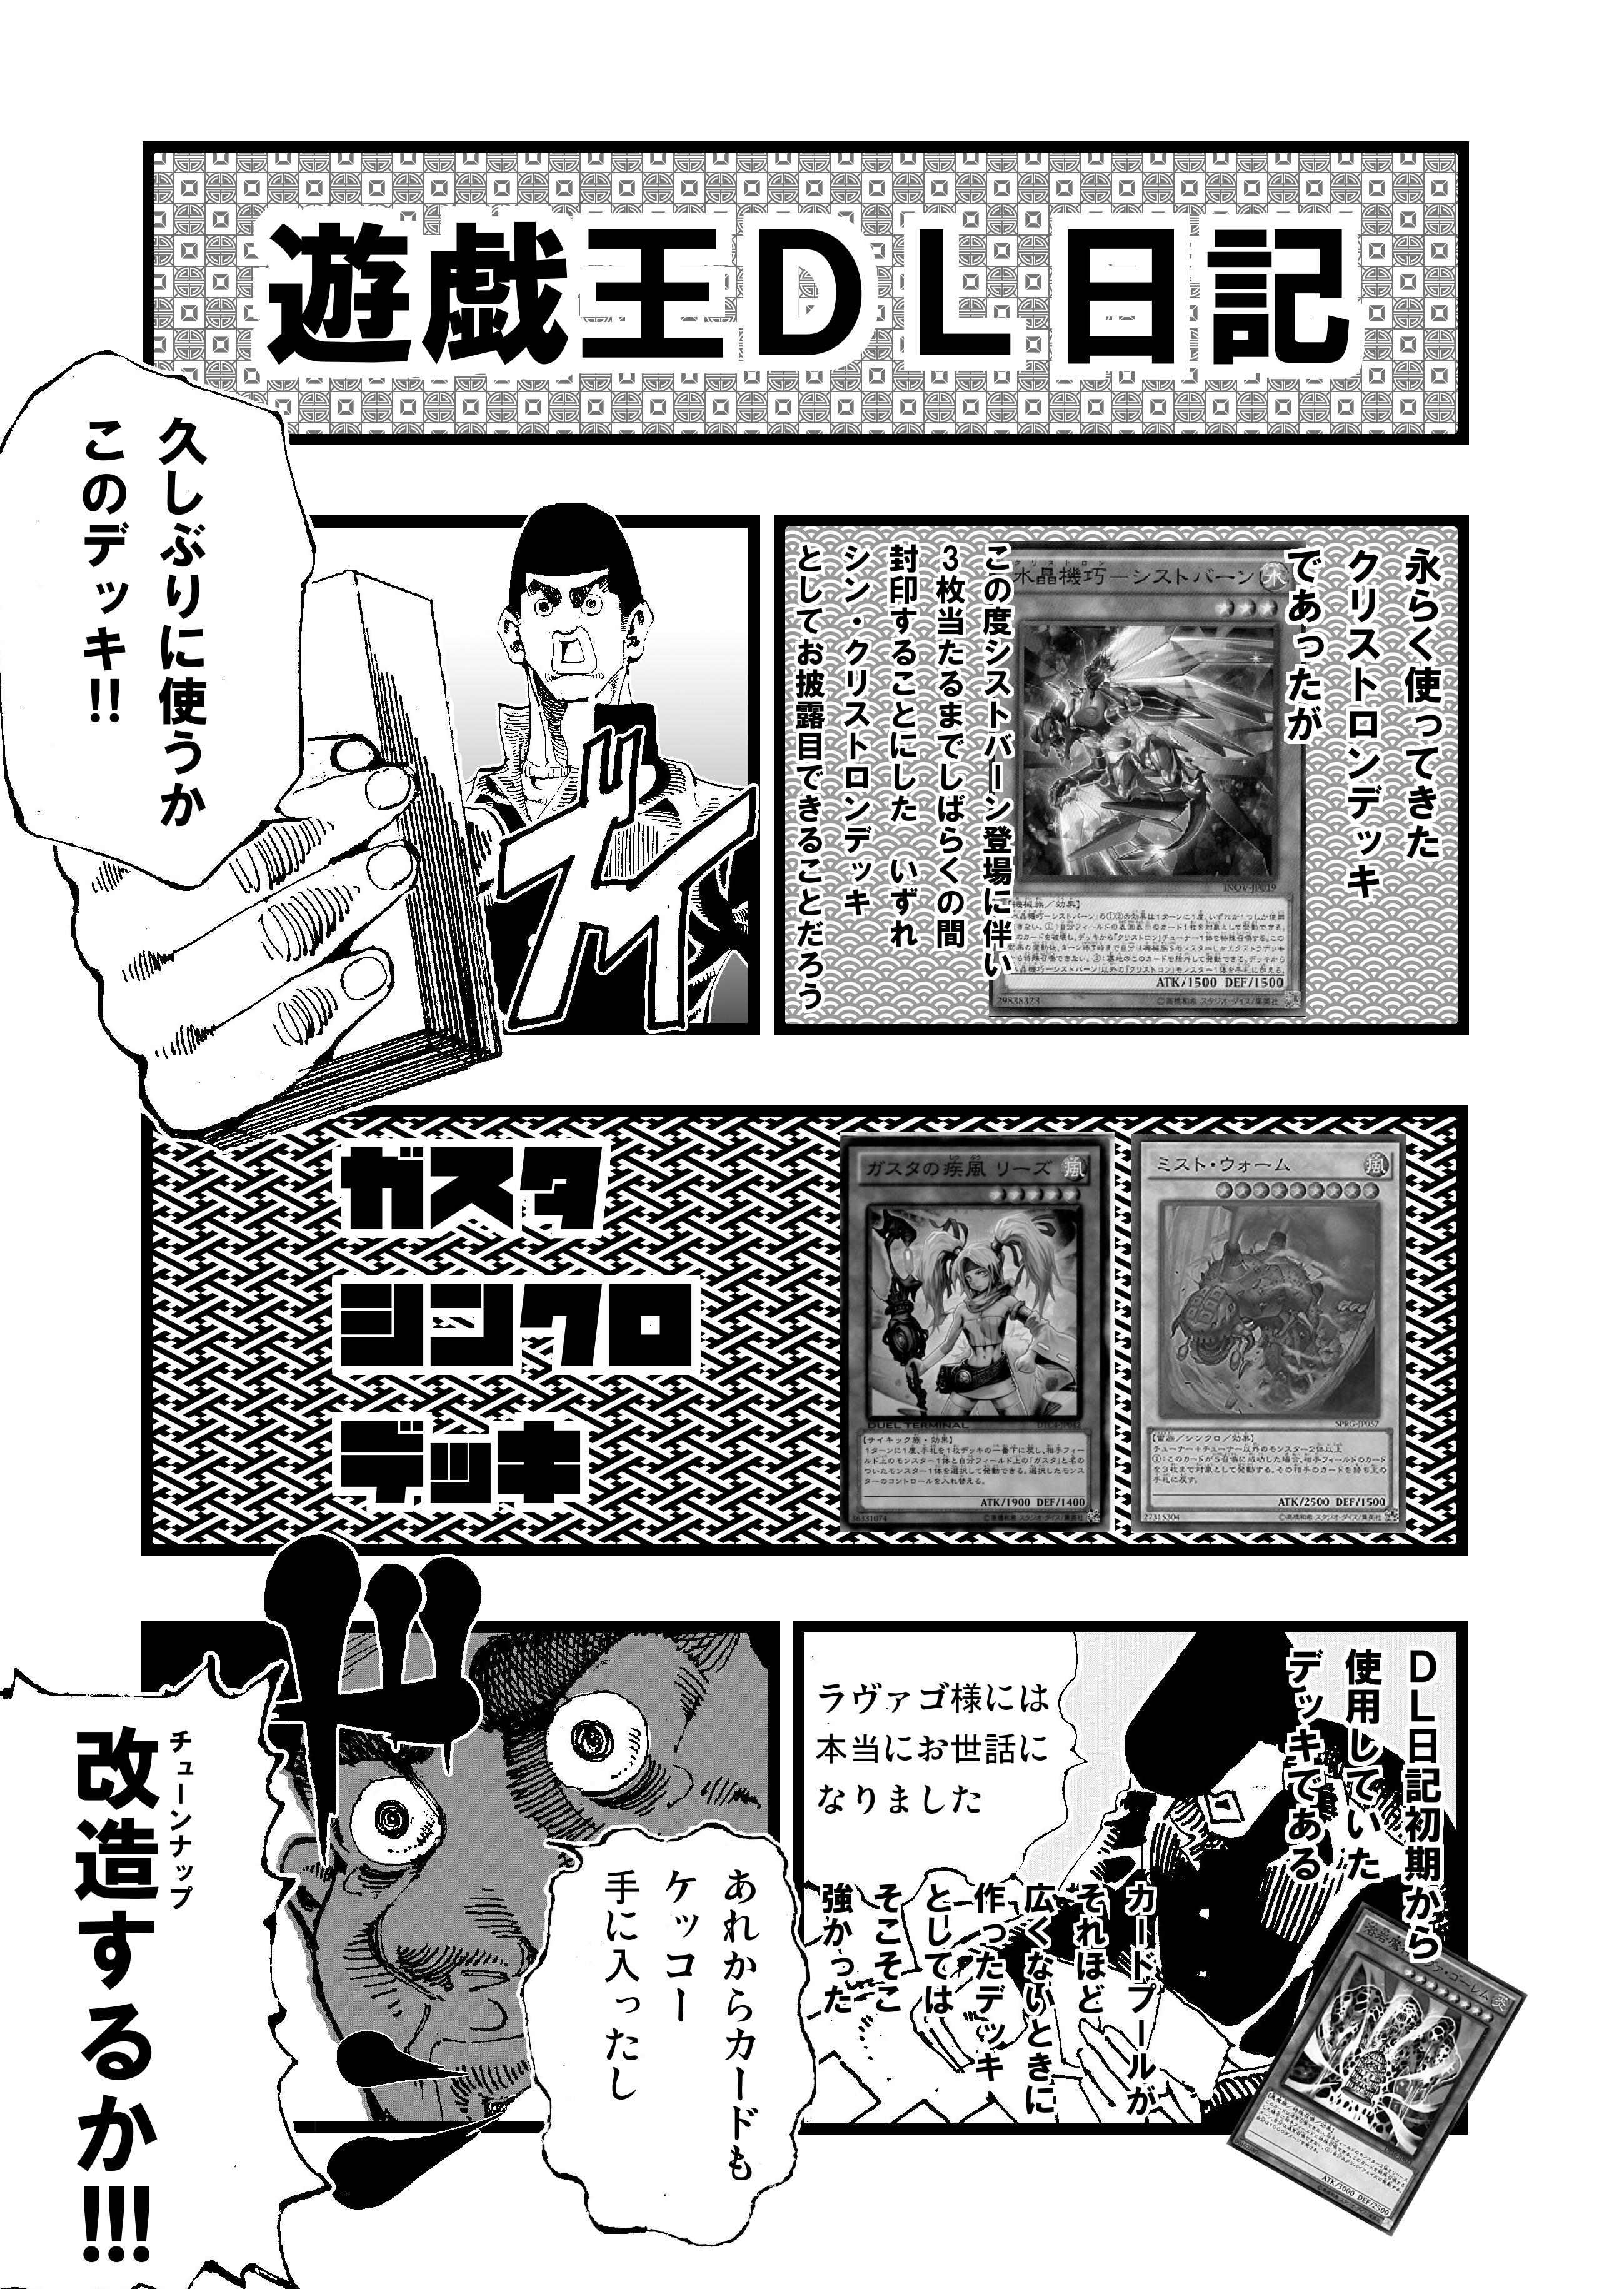 遊戯王デュエルリンクス日記31 シン・ガスタ